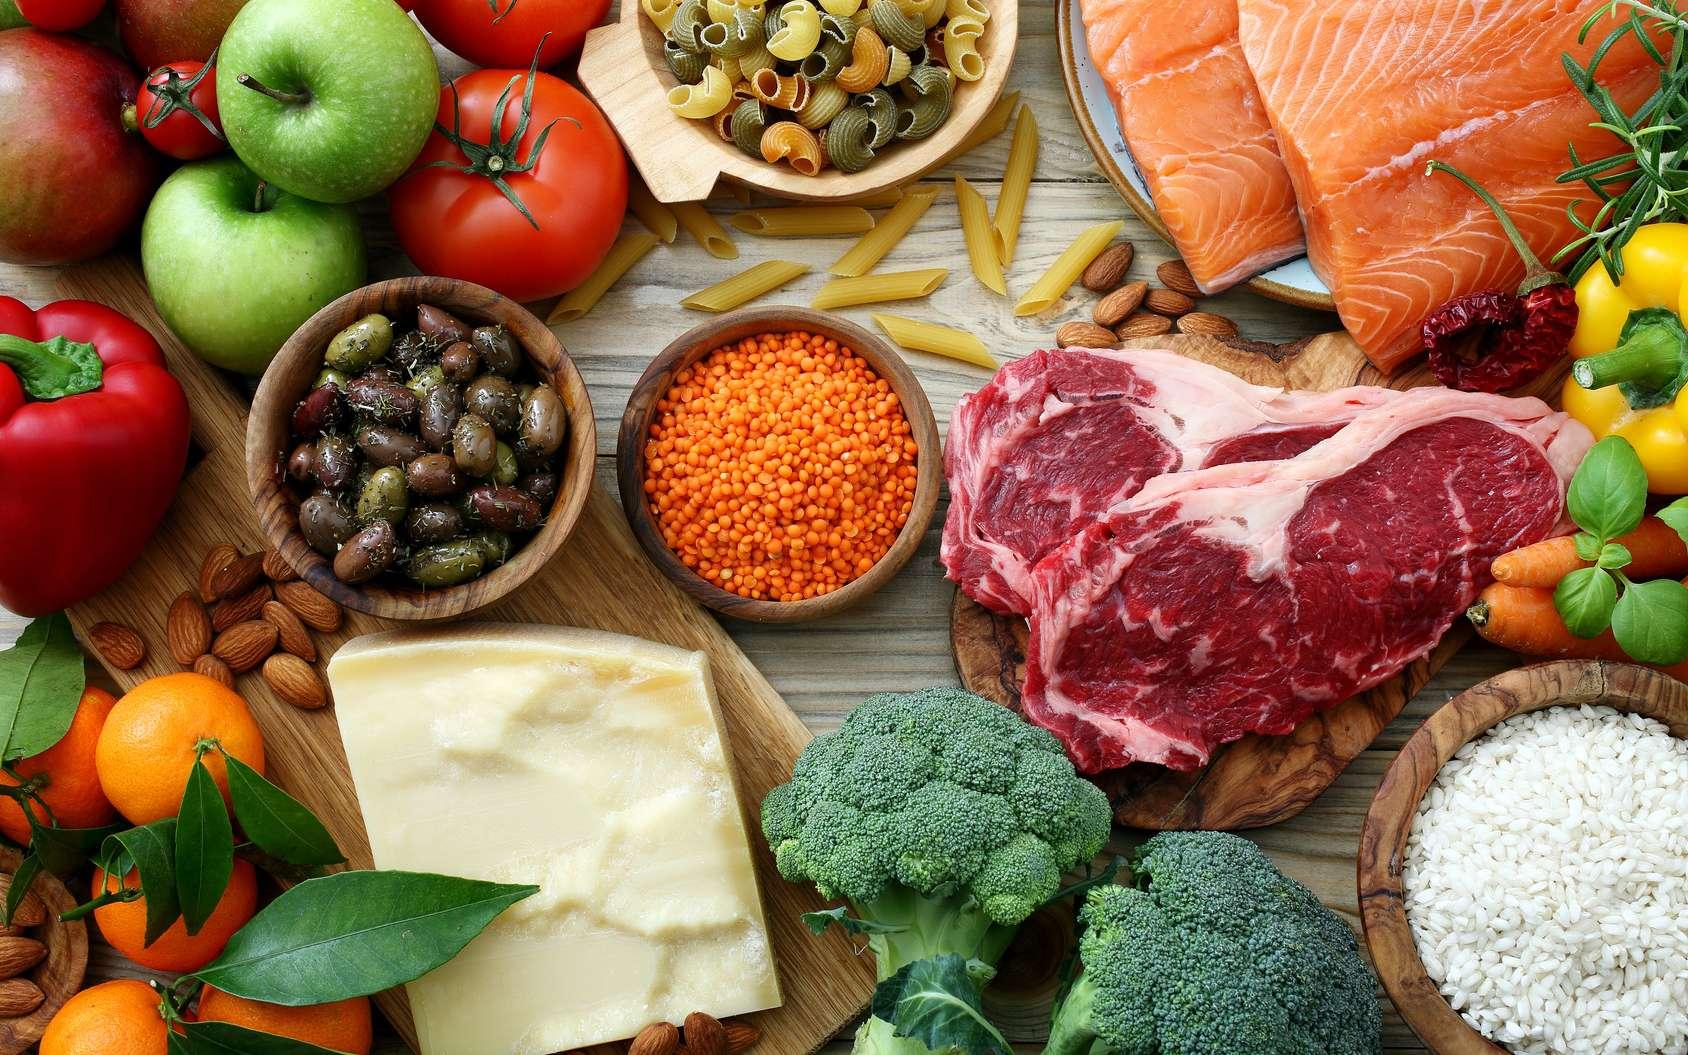 Le flexitarisme recommande notamment de réduire sa consommation de viande rouge à une ou deux fois par semaine. © denio109, Fotolia